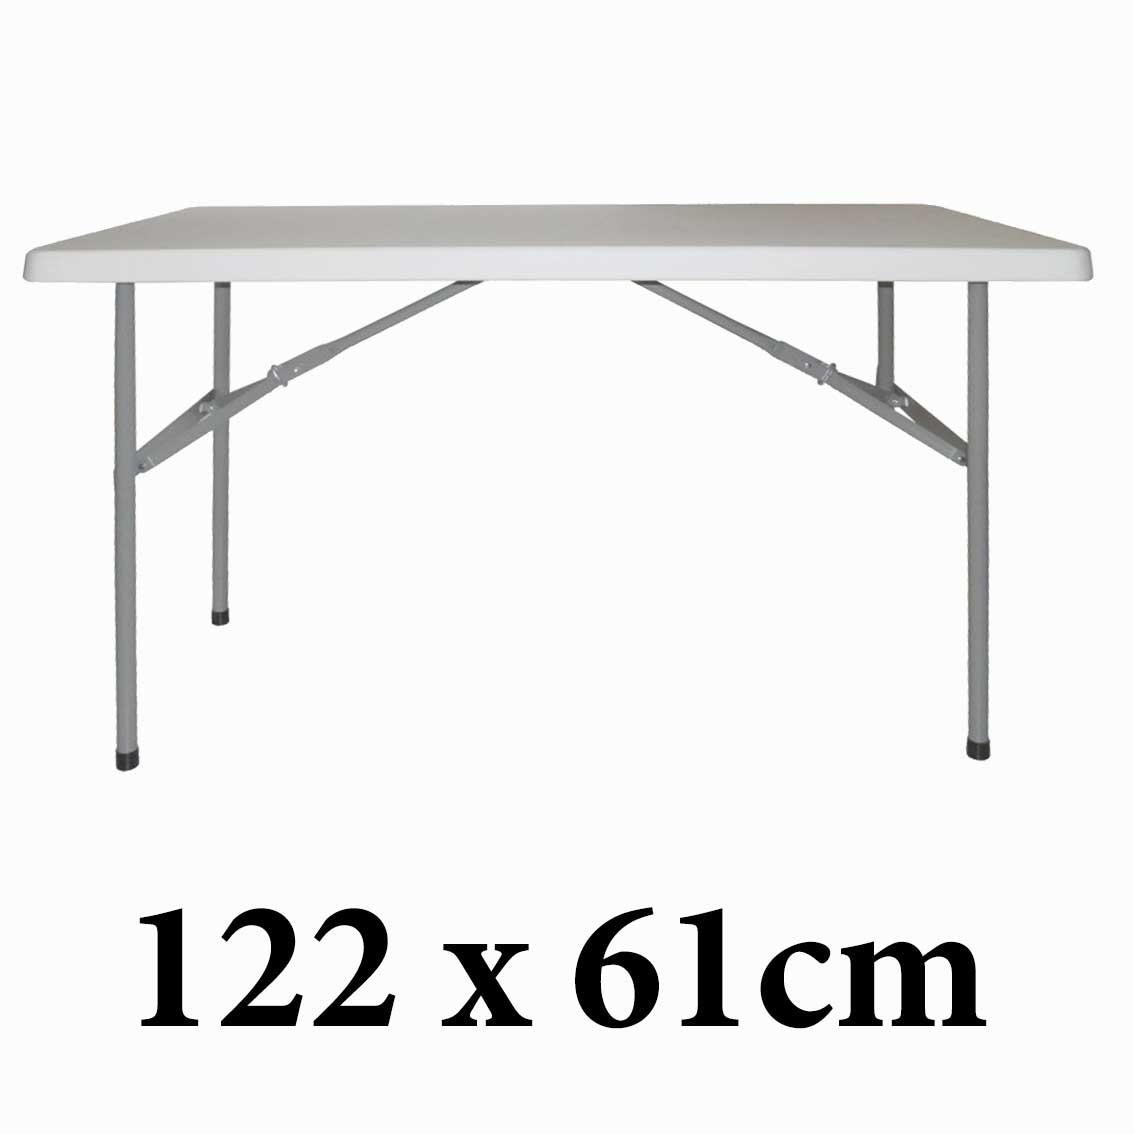 Πτυσσόμενο τραπέζι London 122